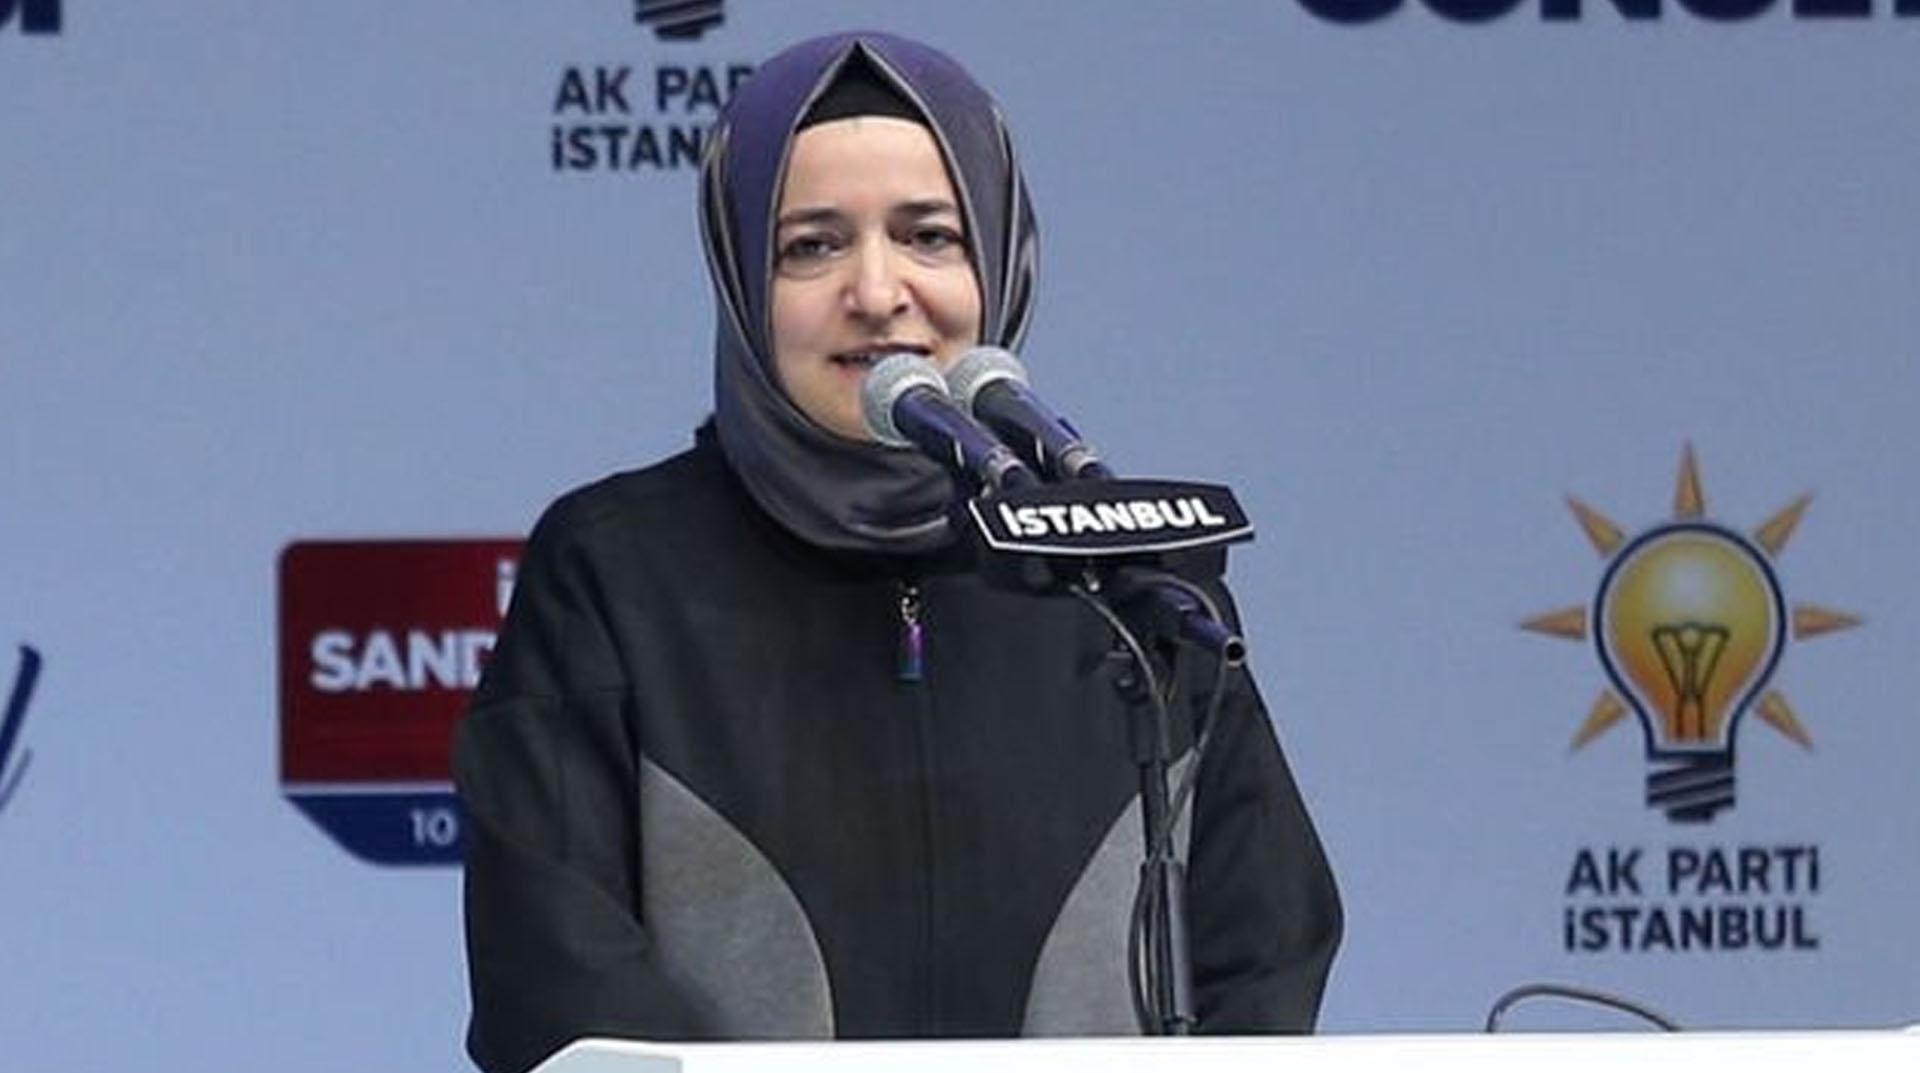 AKP Genel Başkan Yardımcısı Fatma Betül Sayan Kaya: Sadece Türkiye değil dünyadaki tüm mazlumların umuduyuz